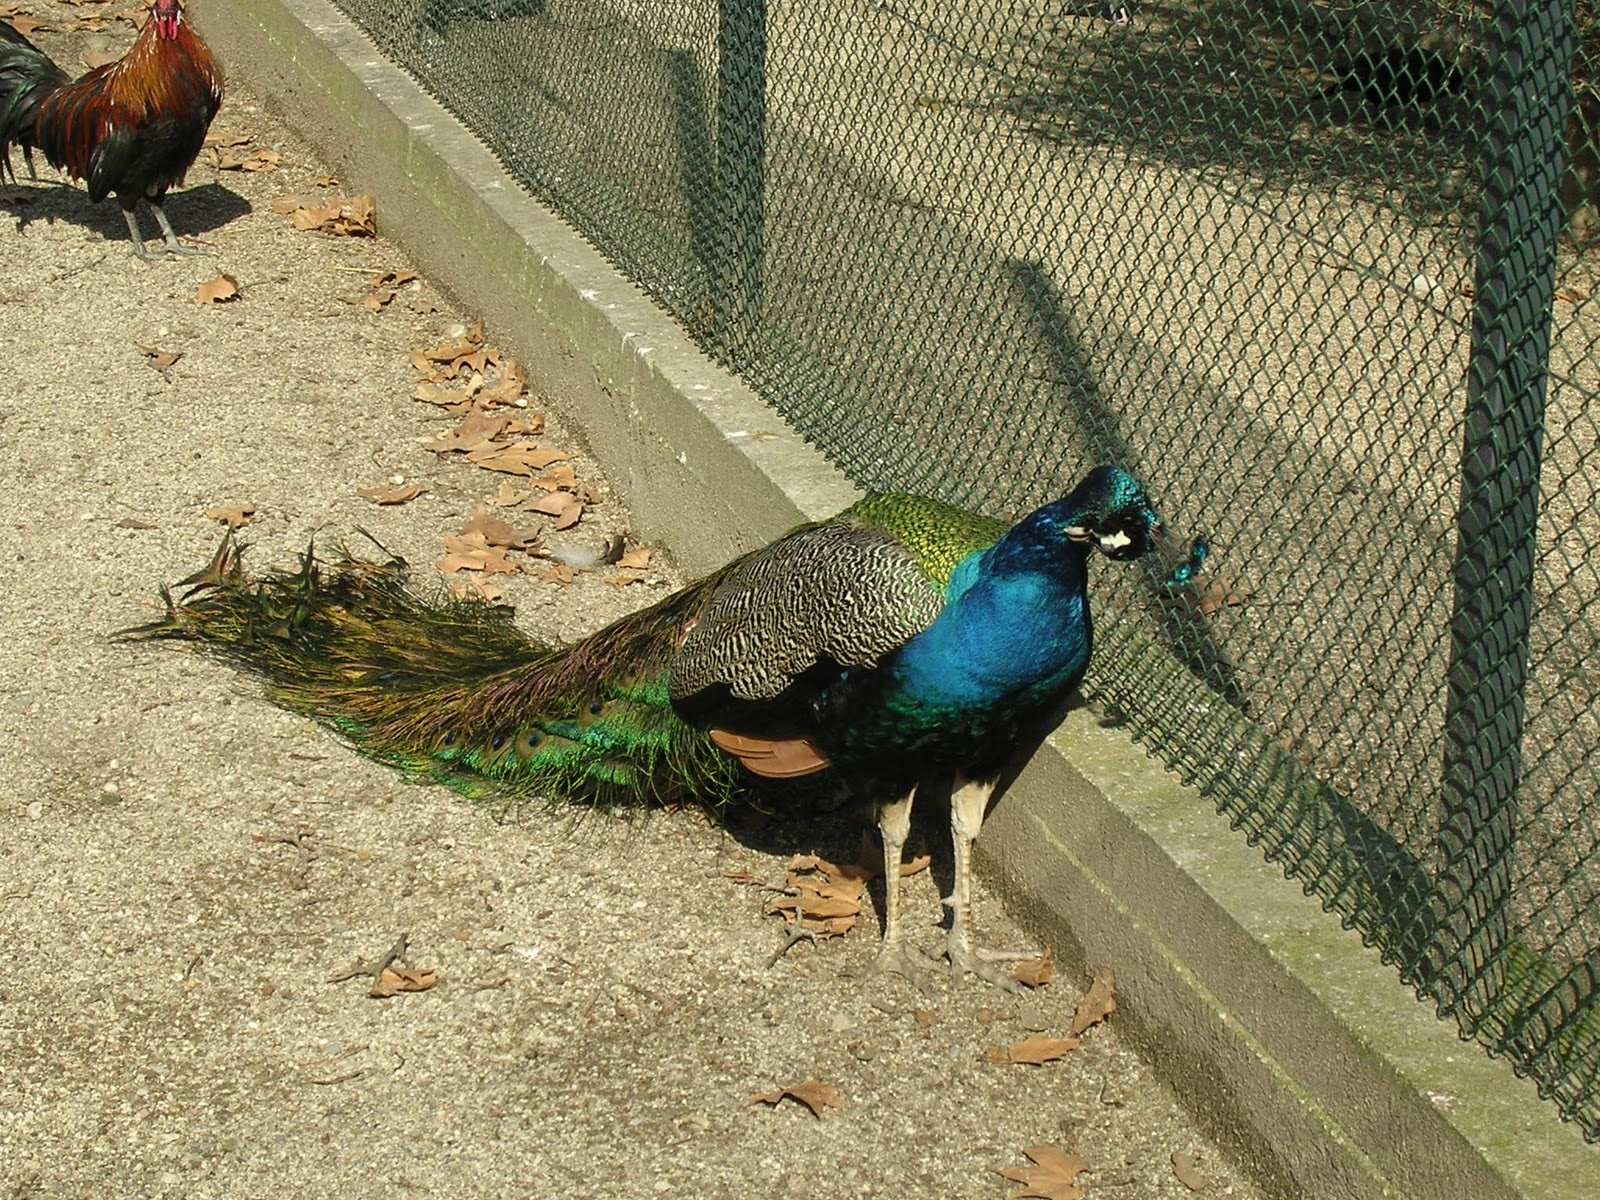 Le Paon Qui Fait La Roue au royaume des animaux: le paon bleu